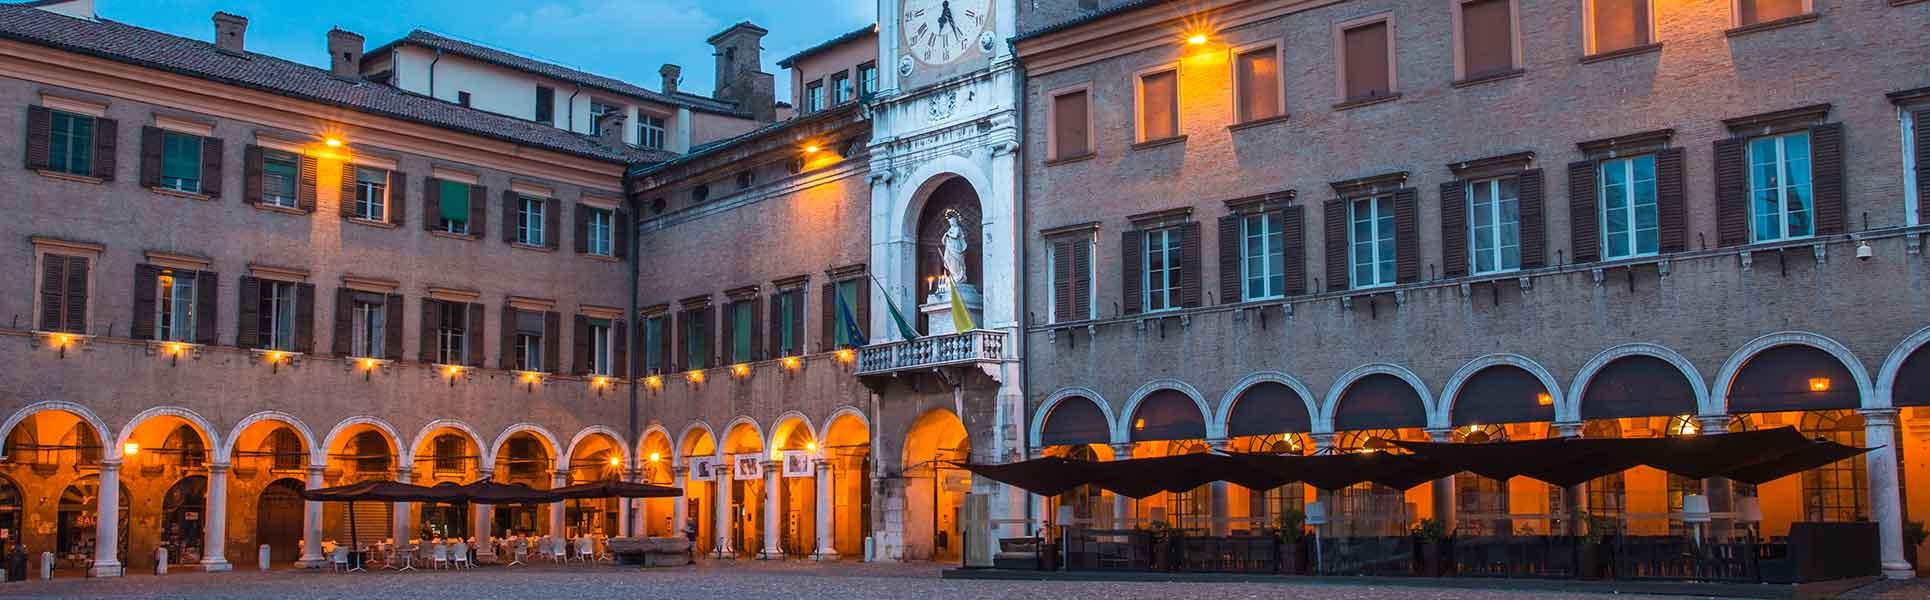 Consolidamento Fondazionia Modena